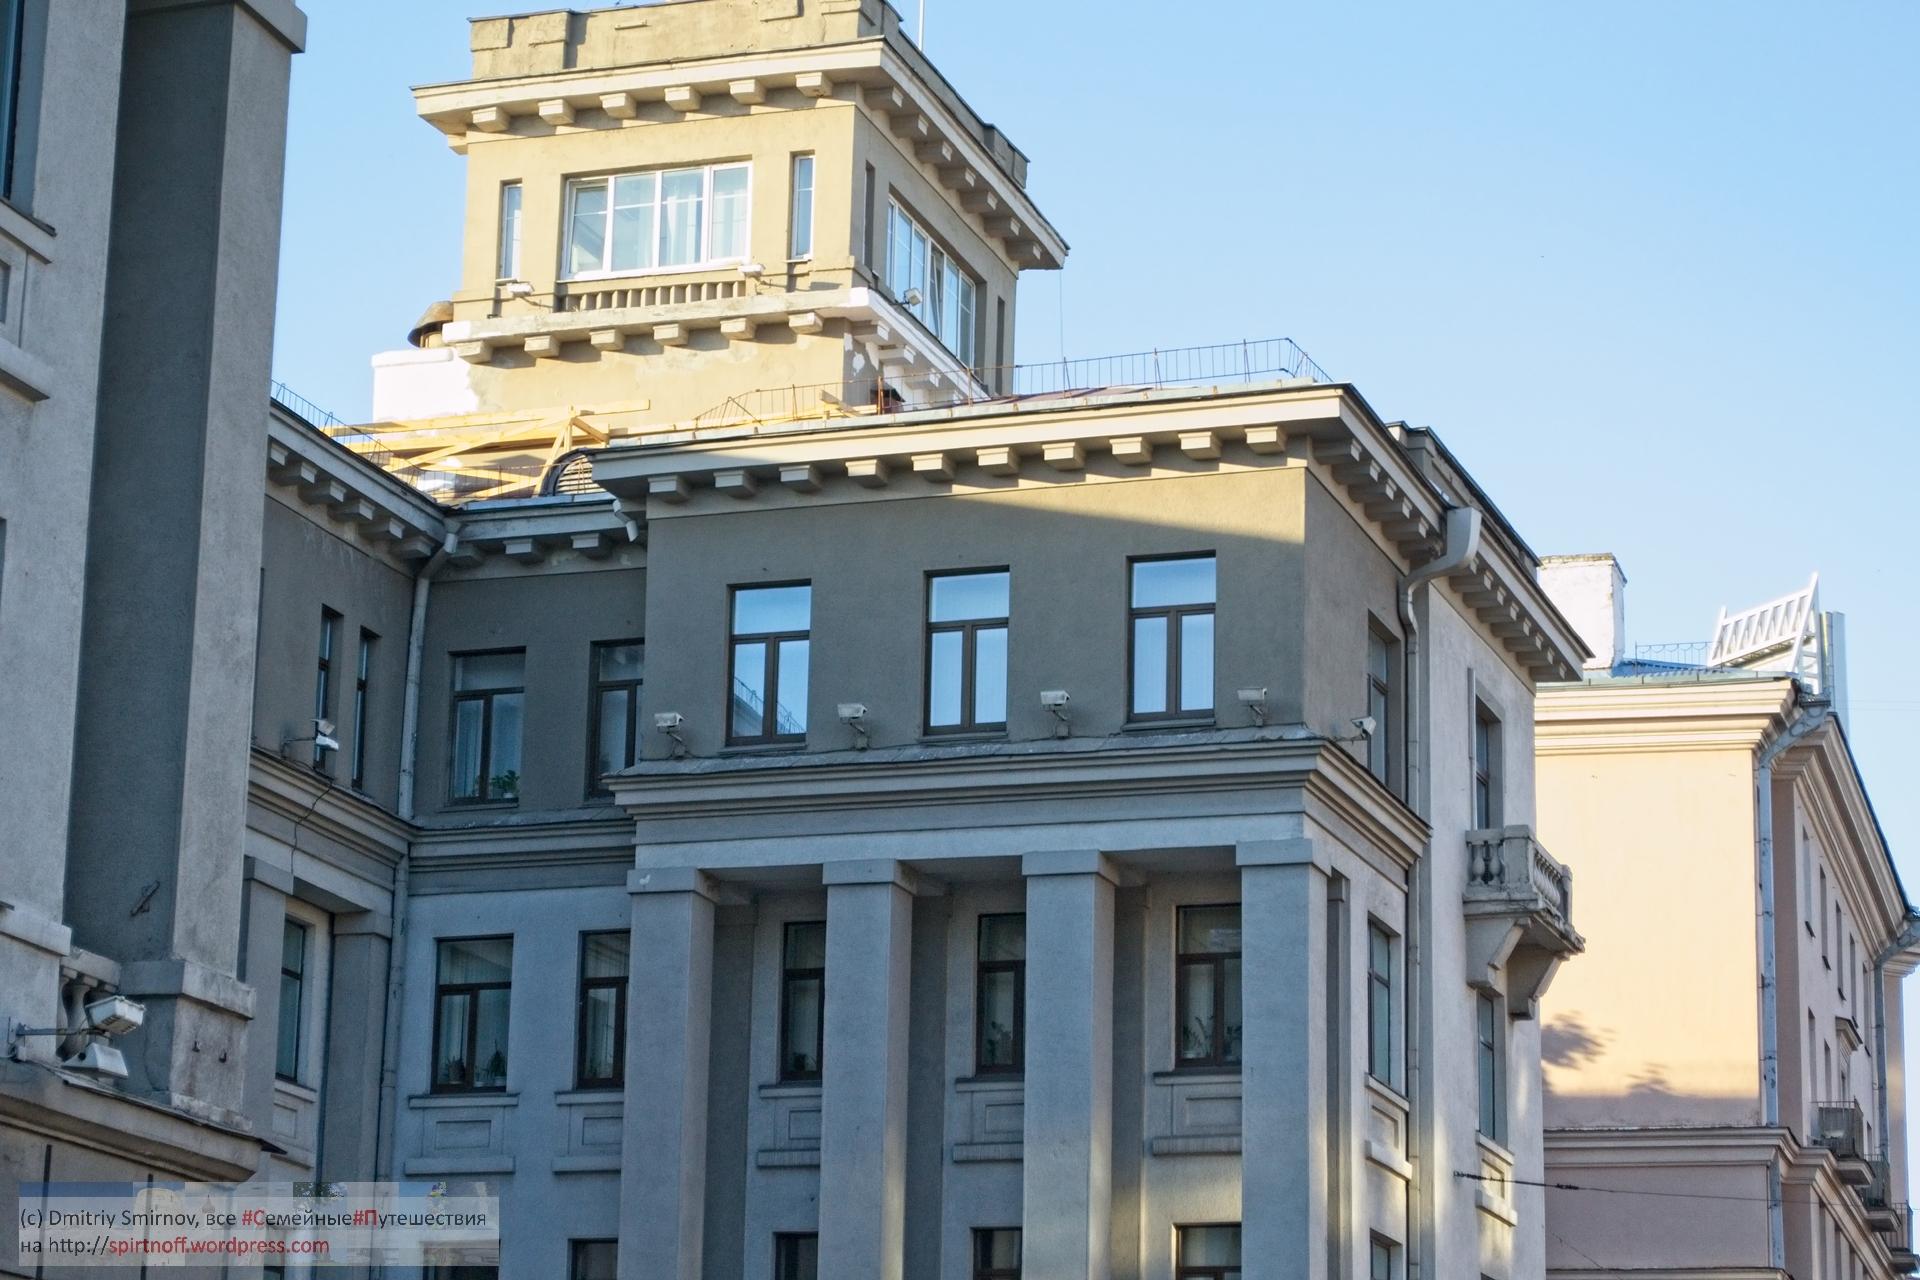 DSC_6854-Blog-14 Путешествия  Минск, Площадь победы, Проспект Независимости, Цирк, Дворец республики